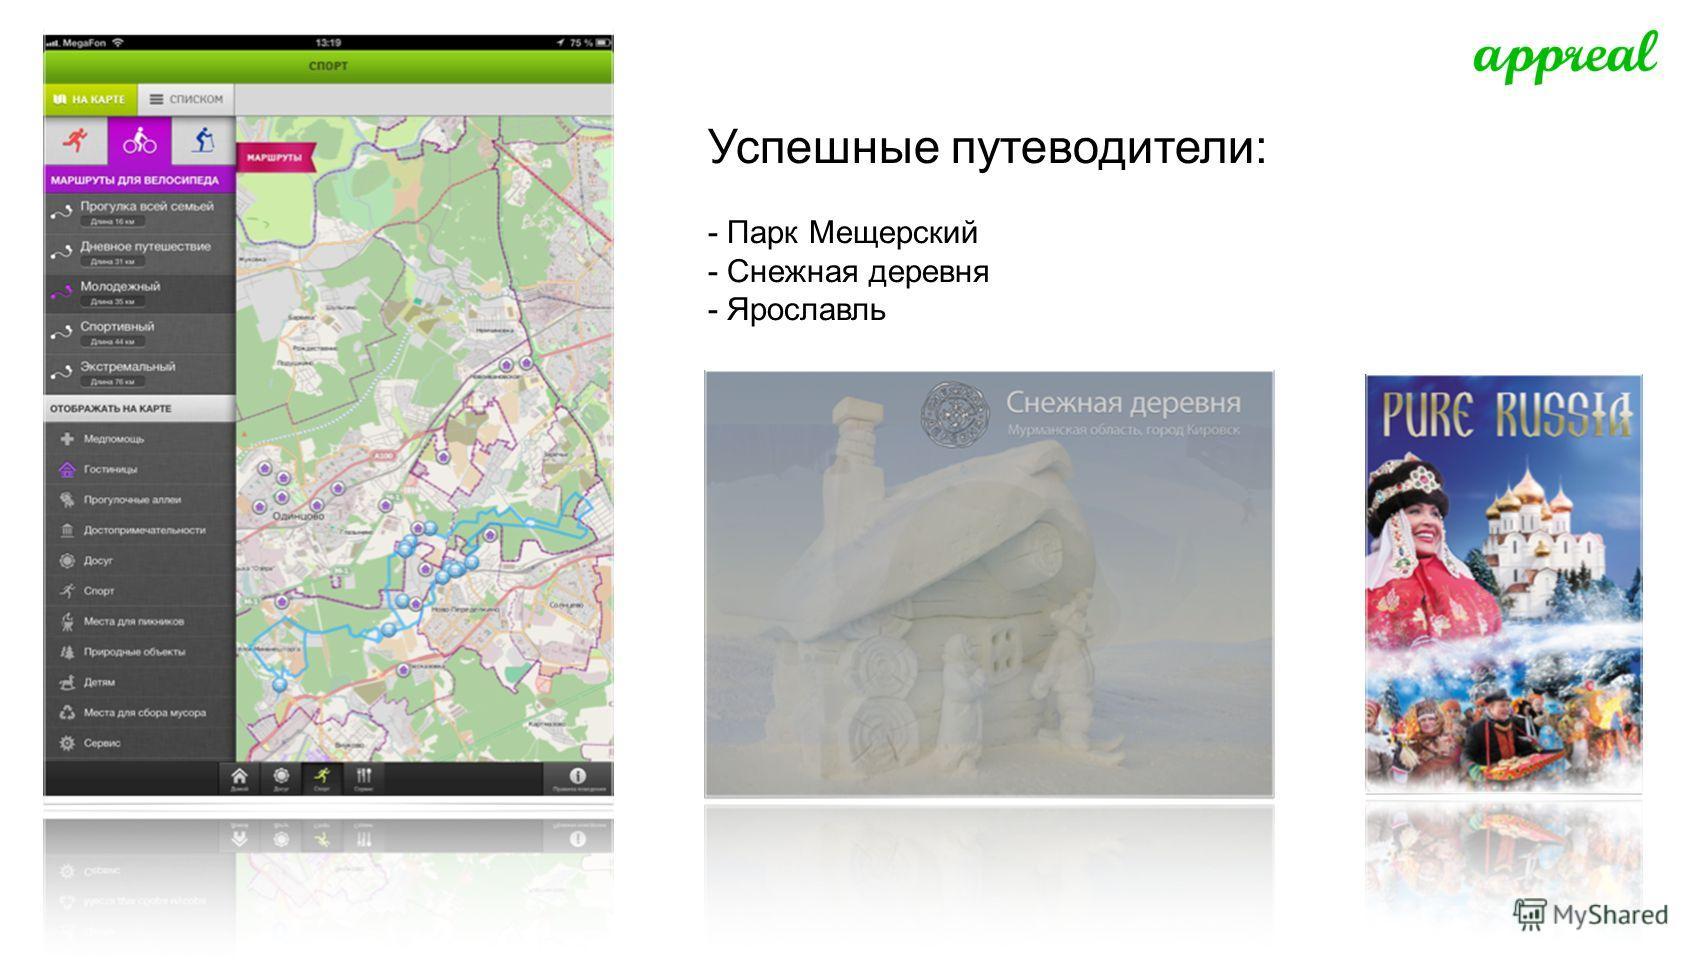 Успешные путеводители: - Парк Мещерский - Снежная деревня - Ярославль